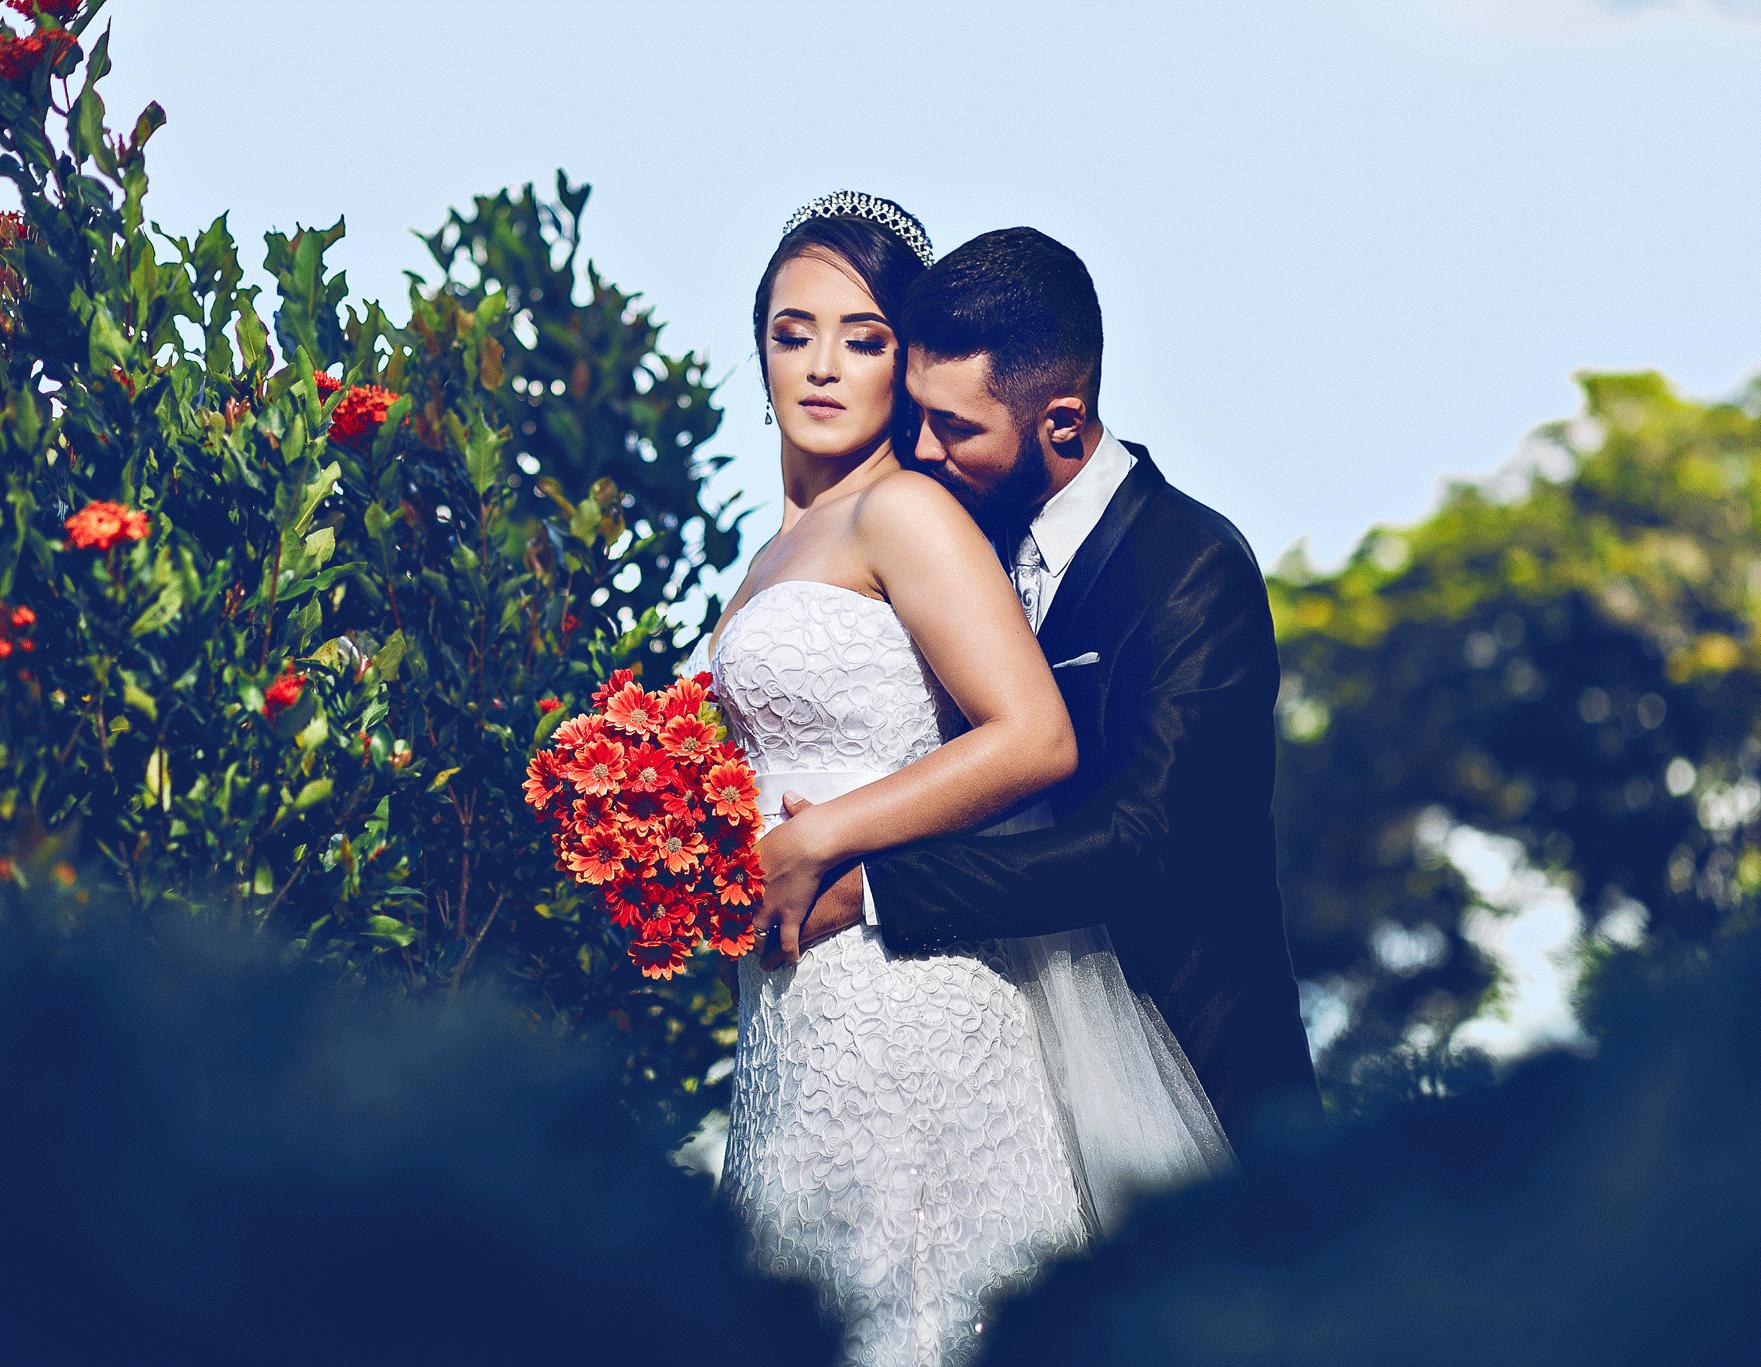 Contate Tiago Melo Fotografia - Fotógrafo de Casamentos e família em Itaúna, BH e Região.